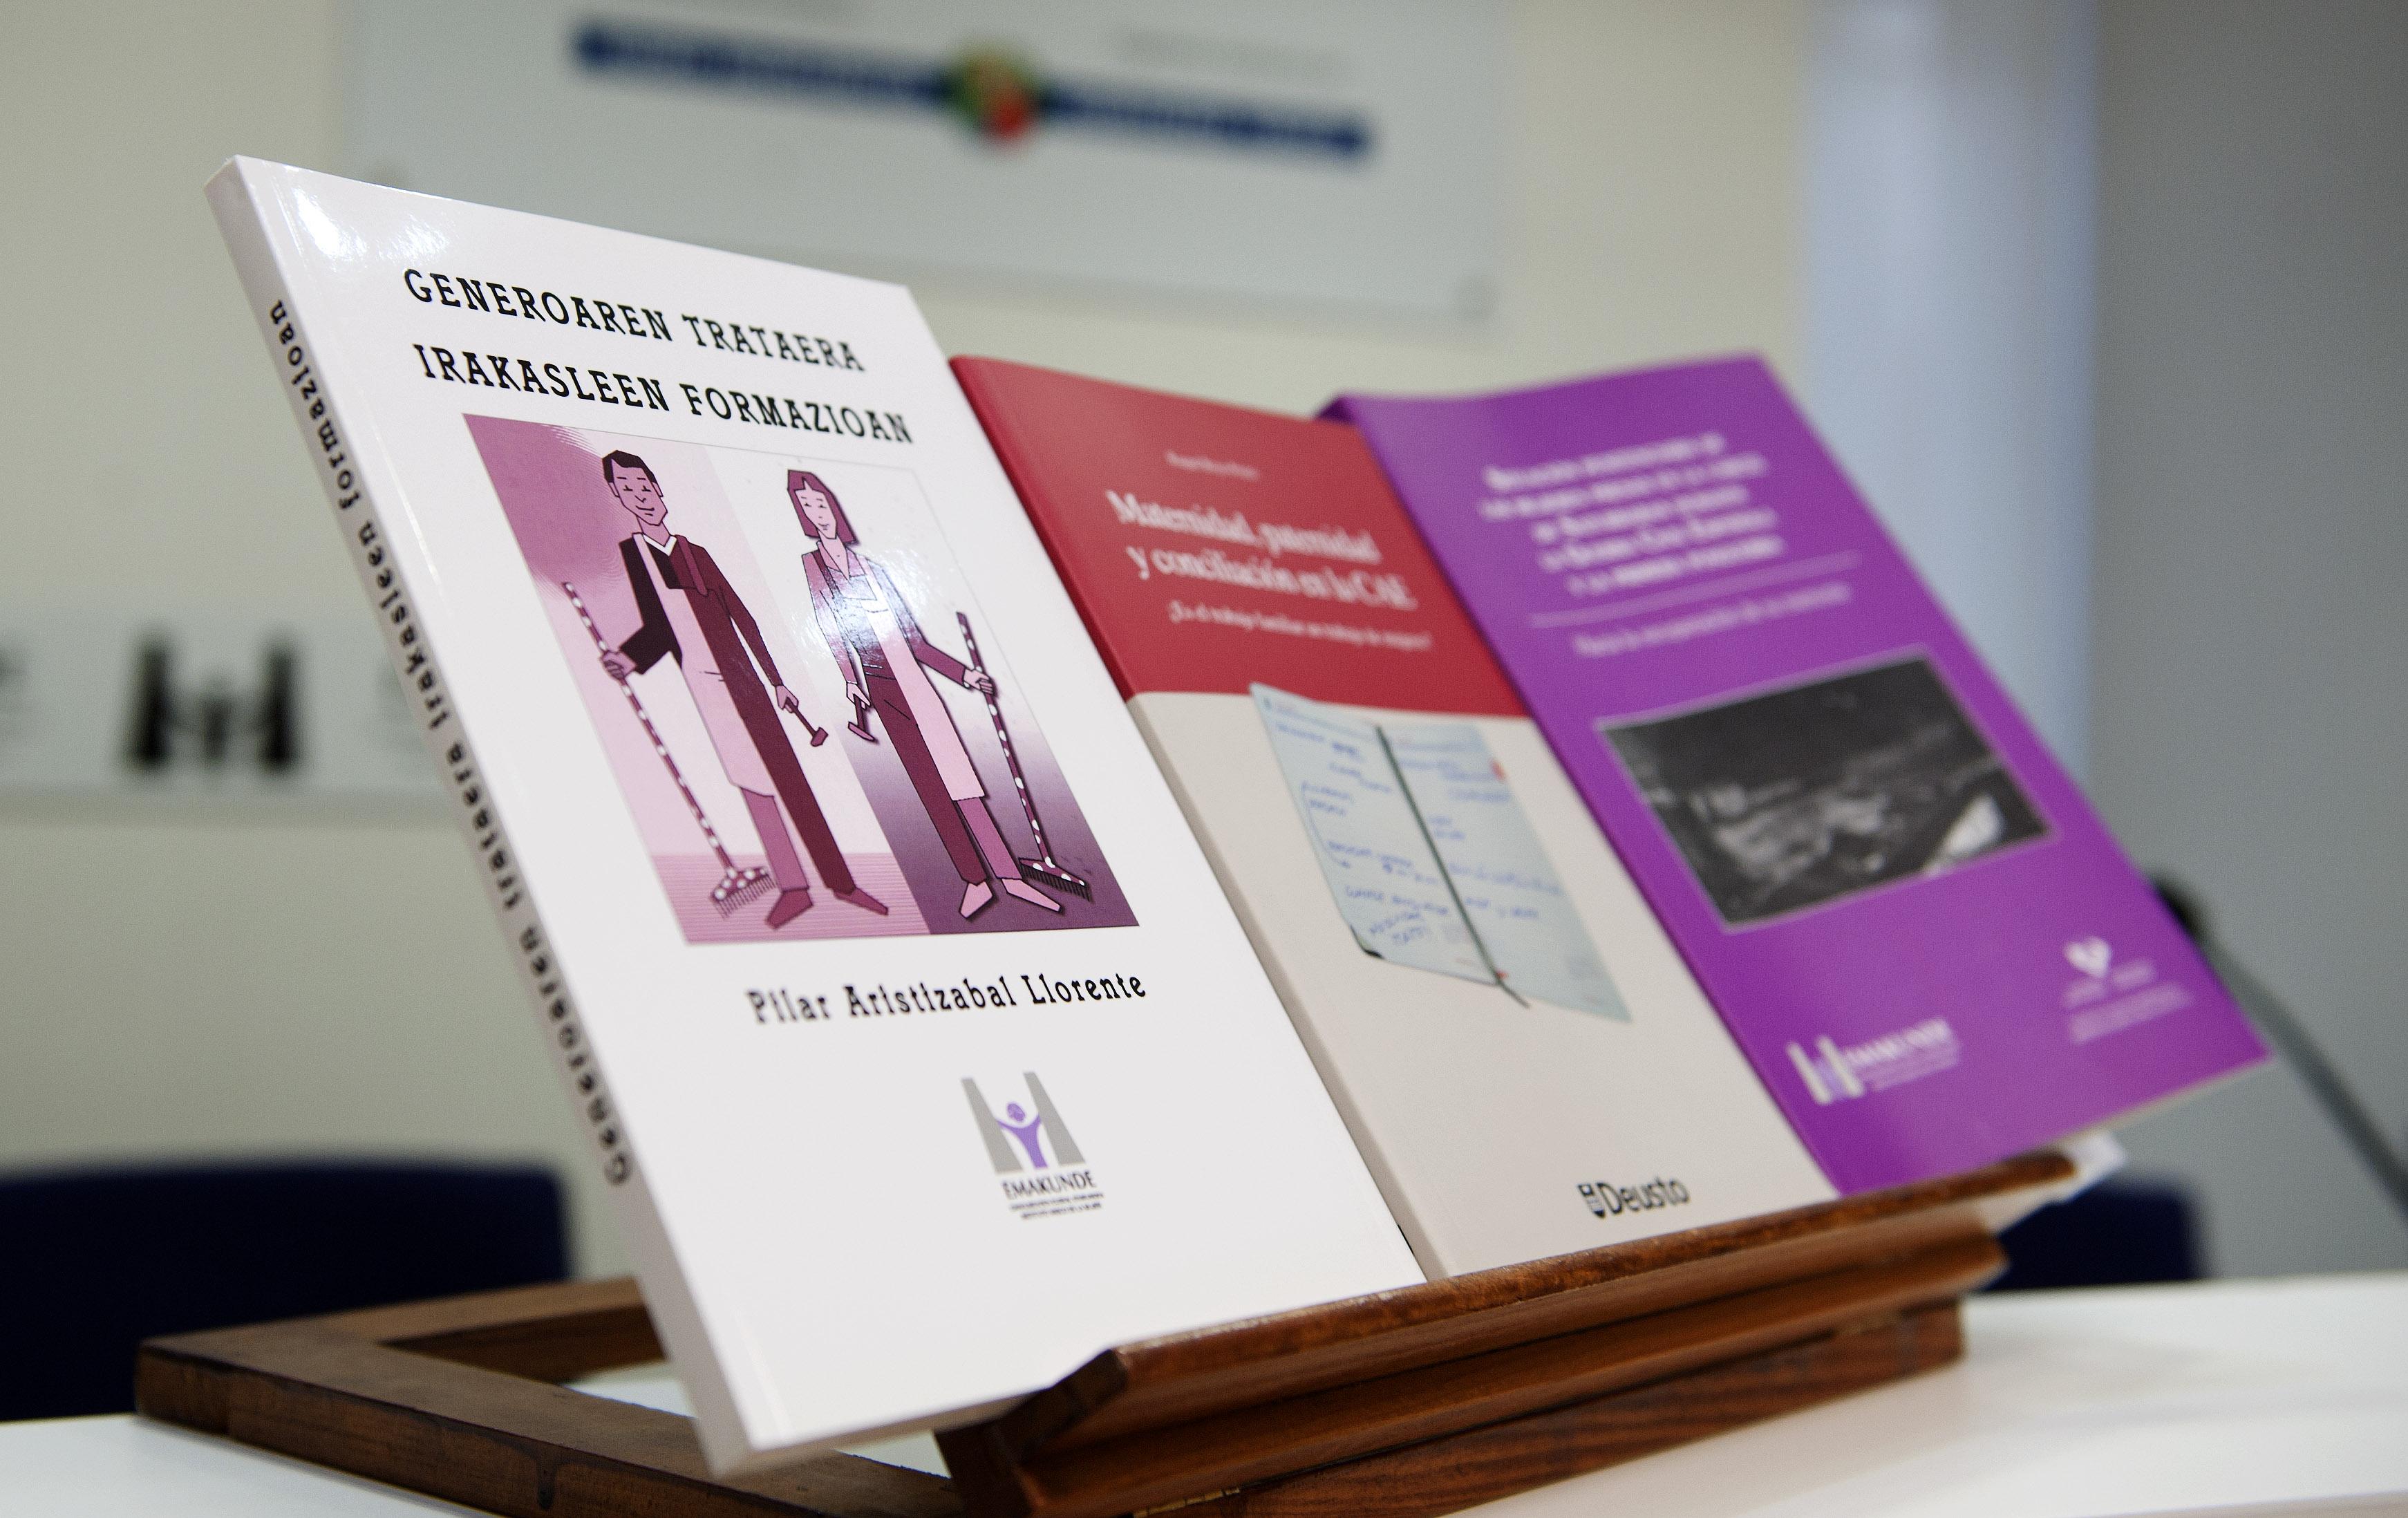 2012_03_19_emakunde_presentacion_publicaciones.jpg